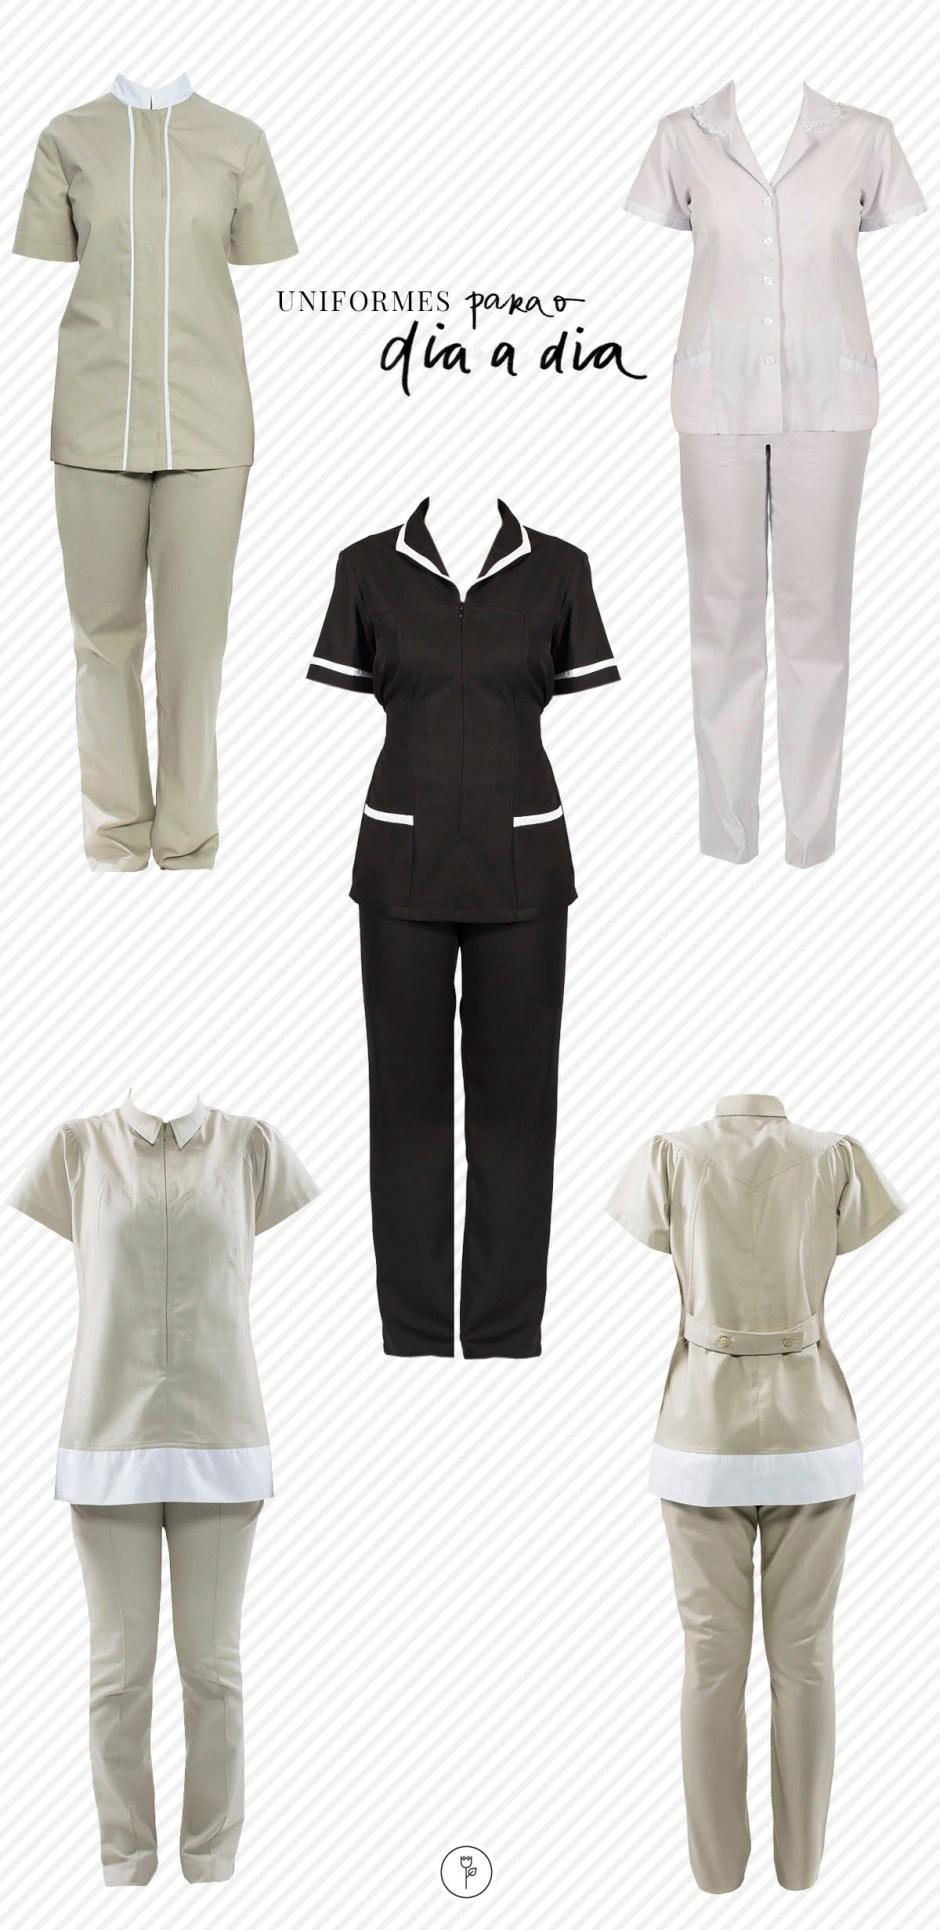 uniformes de casa para o dia a dia